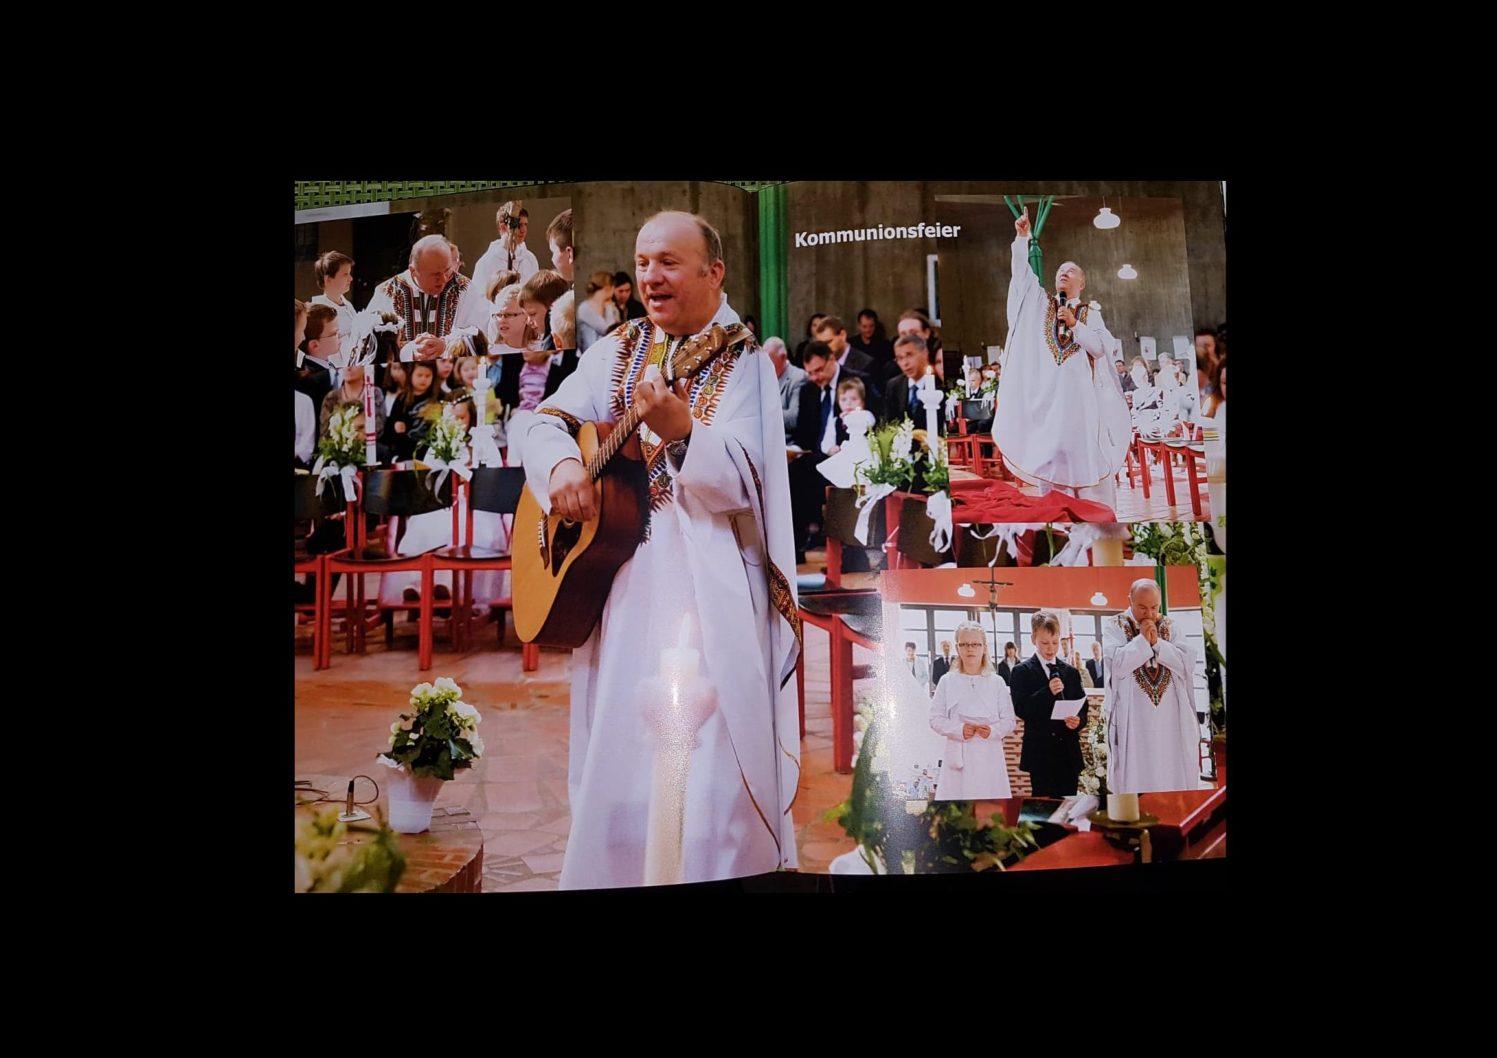 Wir trauern um Pater Jozef